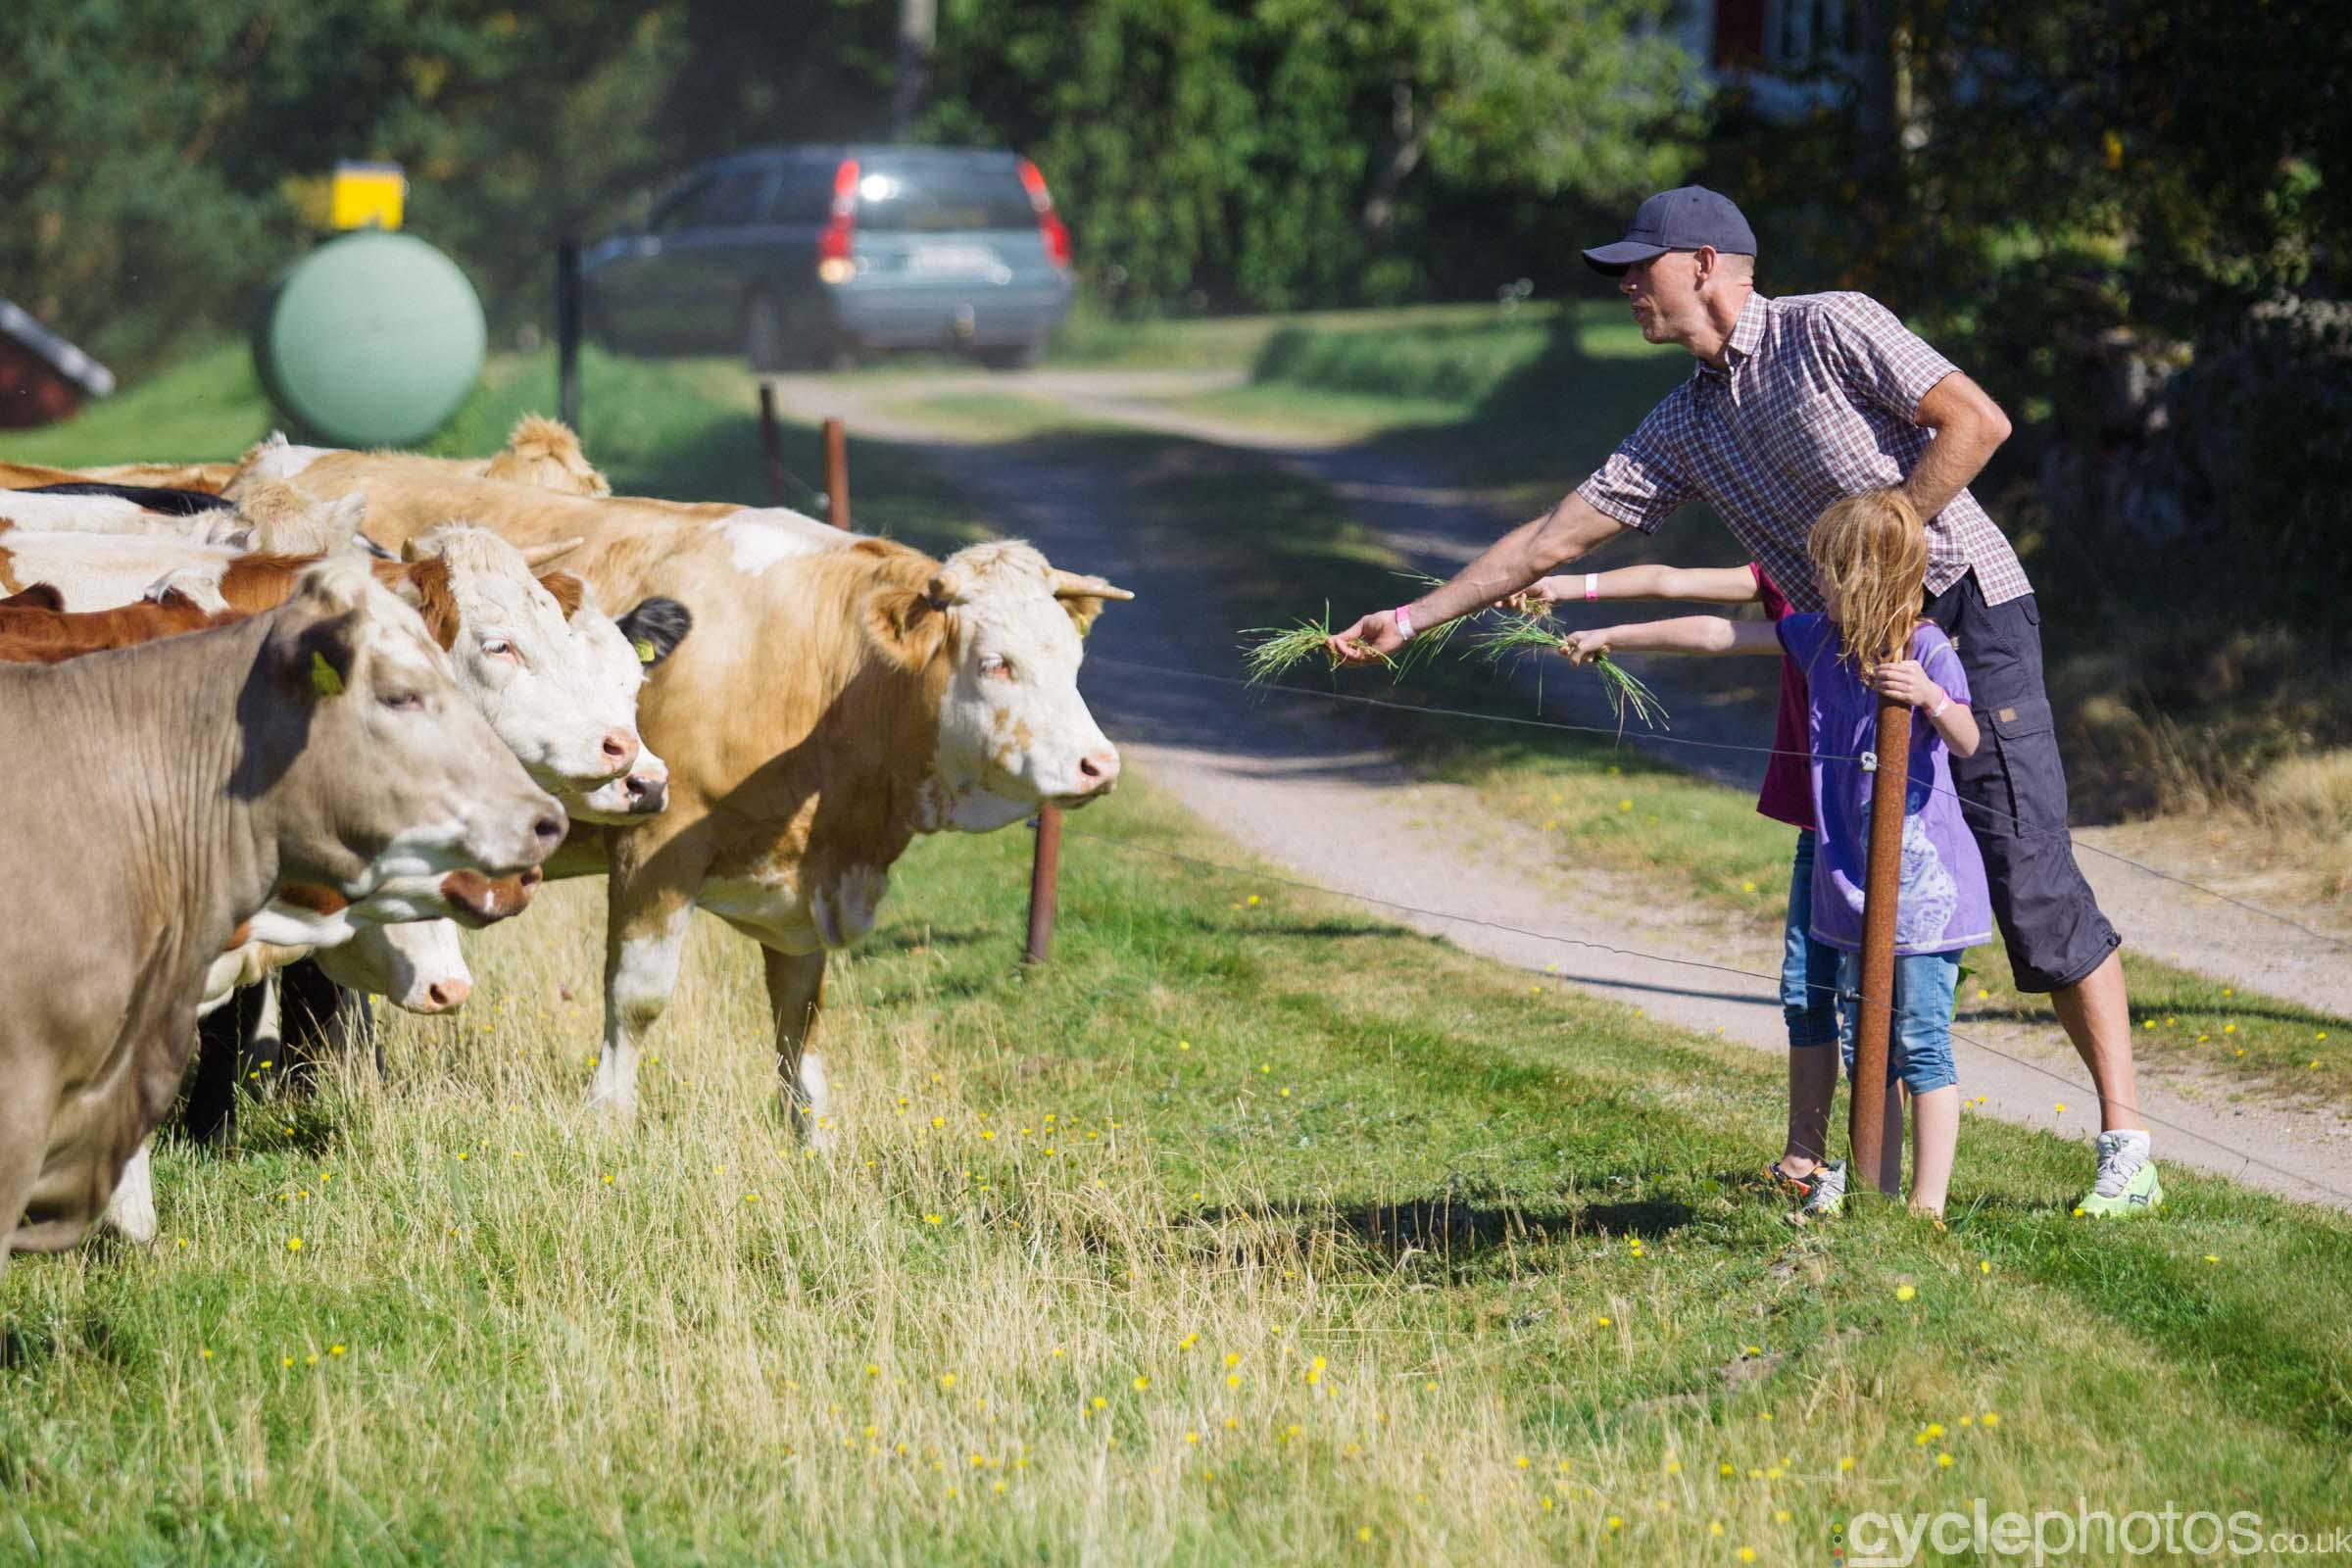 cyclephotos-vargarda-103218-cows